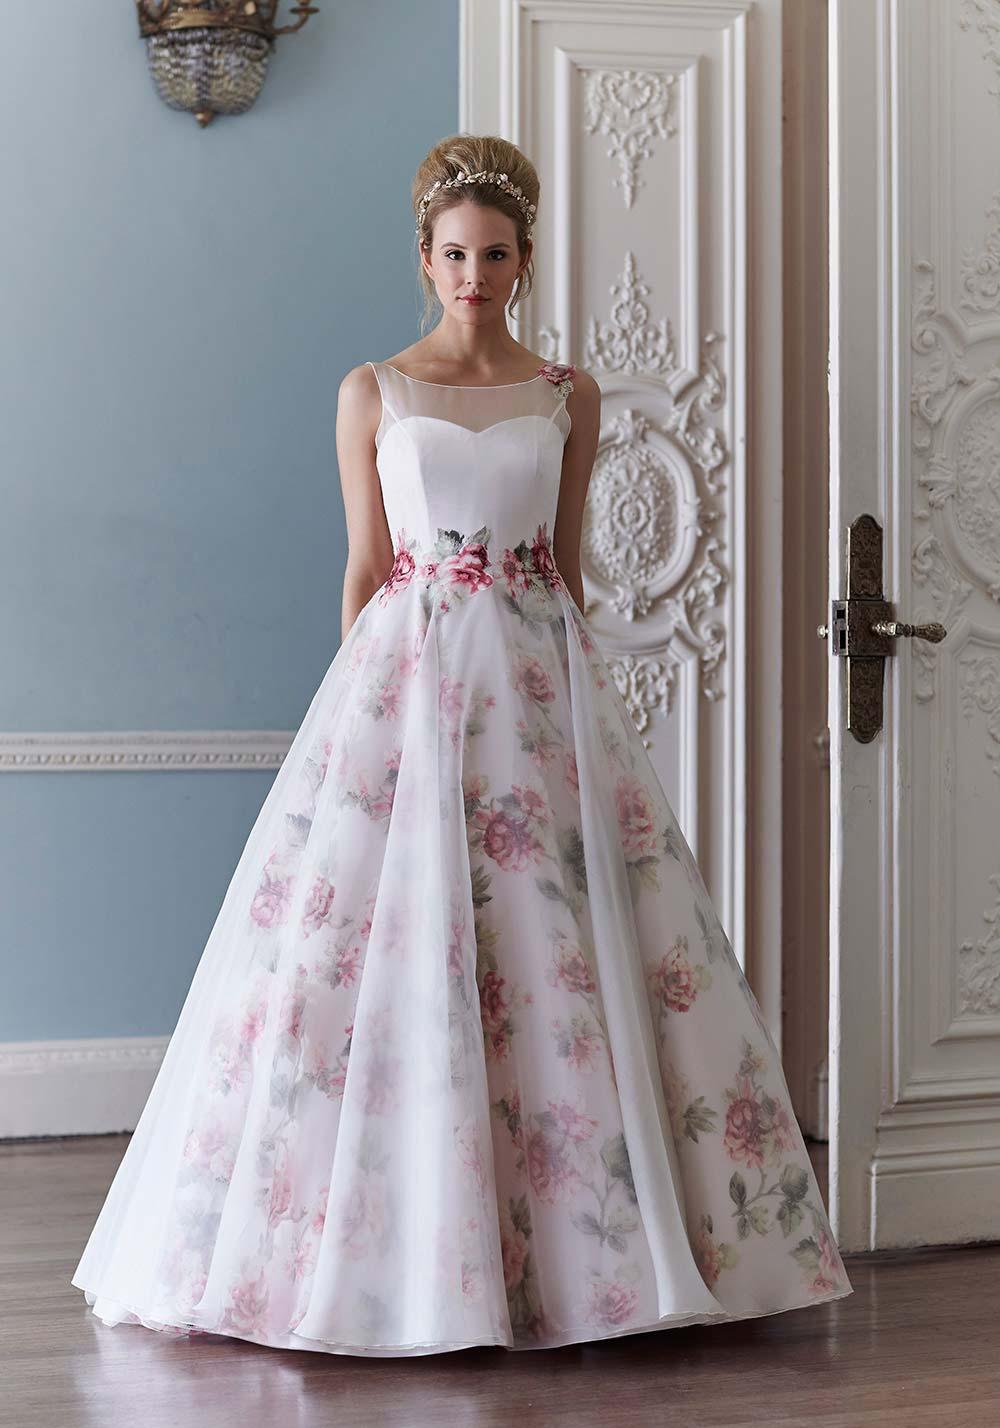 Пышное свадебное платье с цветами фото